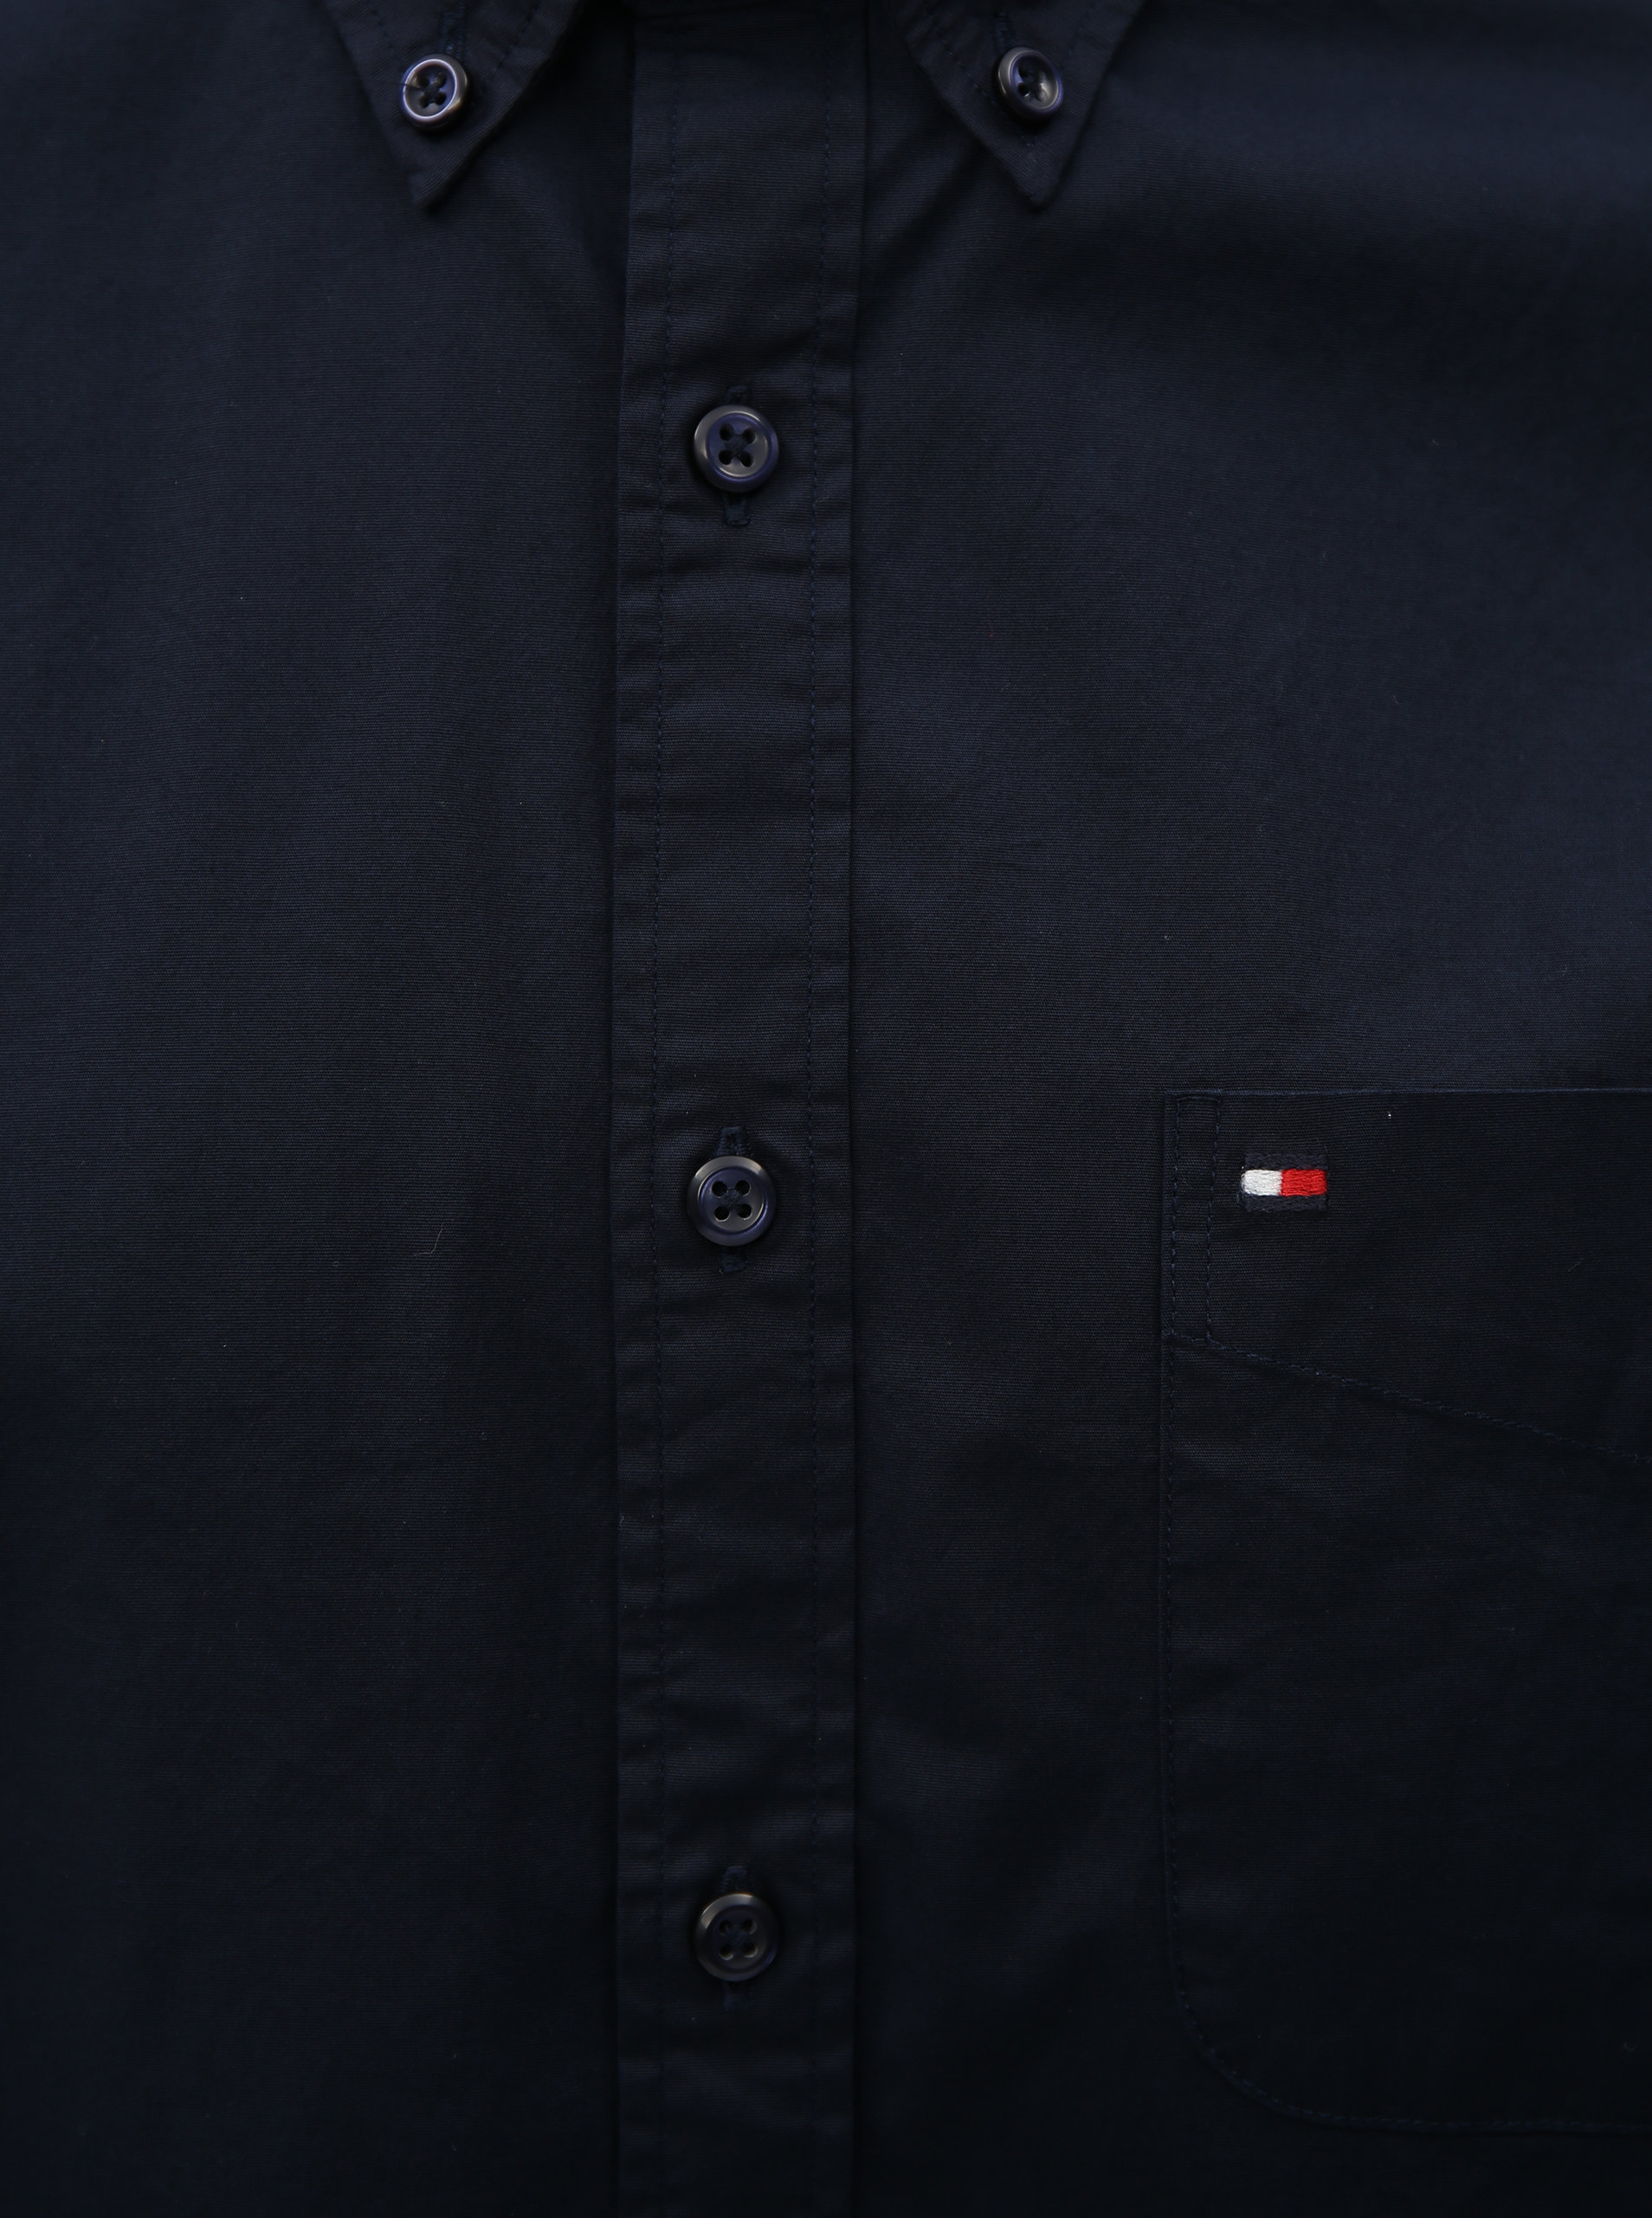 Tmavomodrá pánska košeľa s krátkym rukávom Tommy Hilfiger ... f4b92111e63